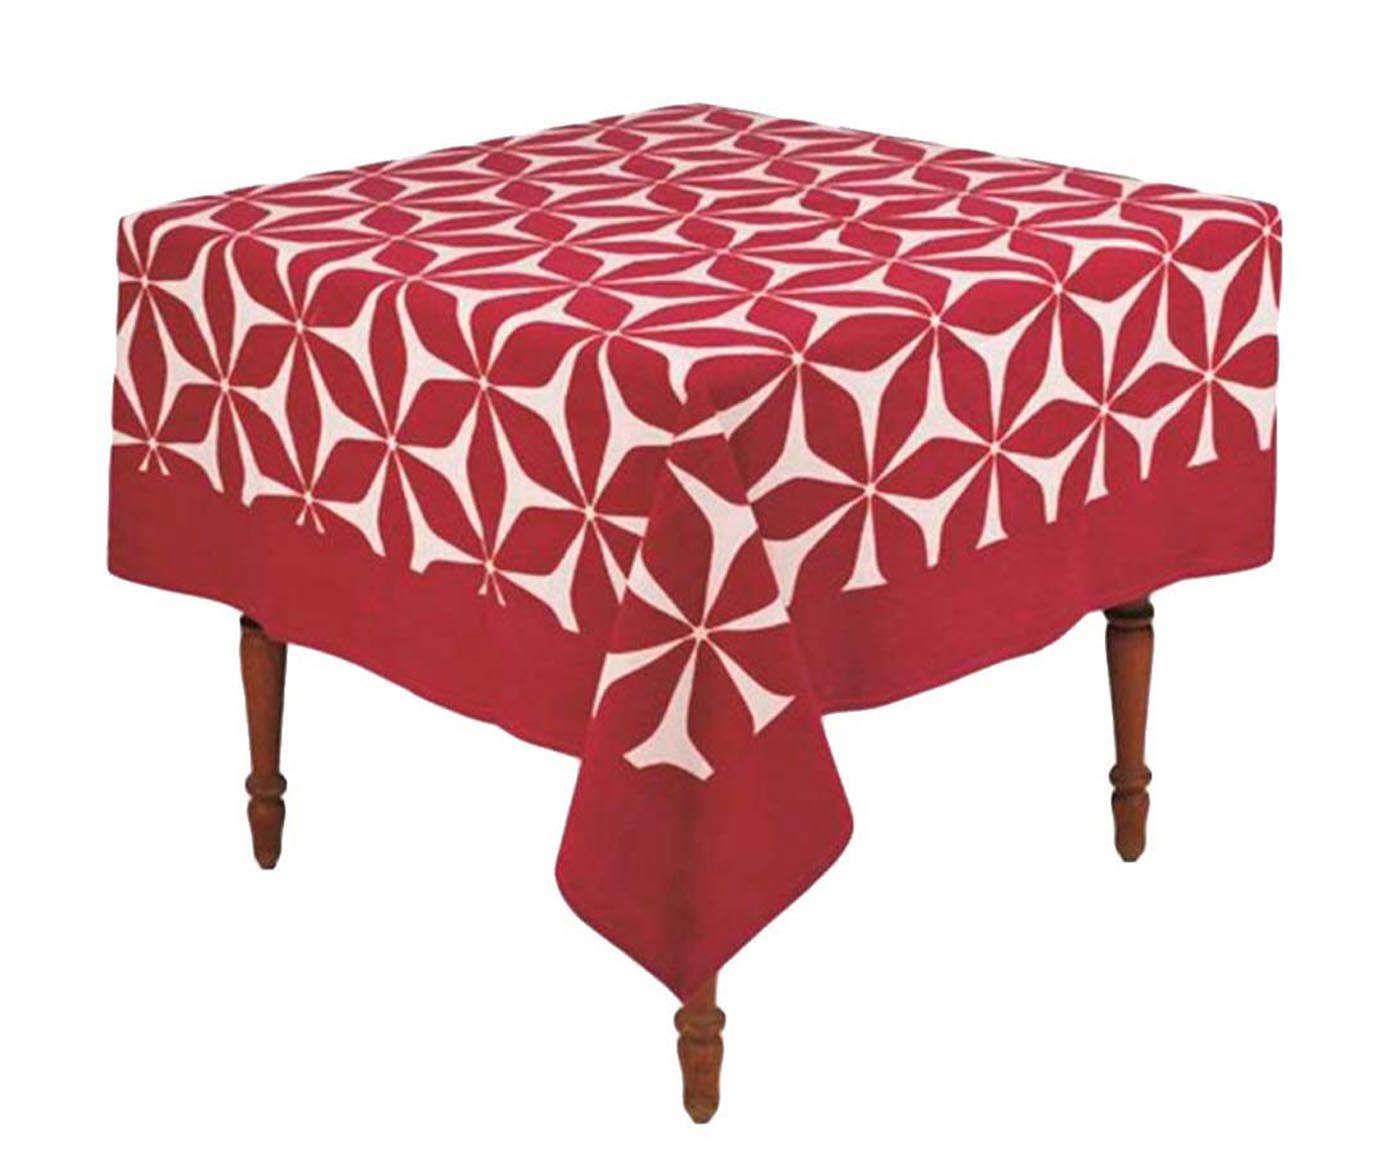 Toalha de mesa al starlight - 210x210cm | Westwing.com.br